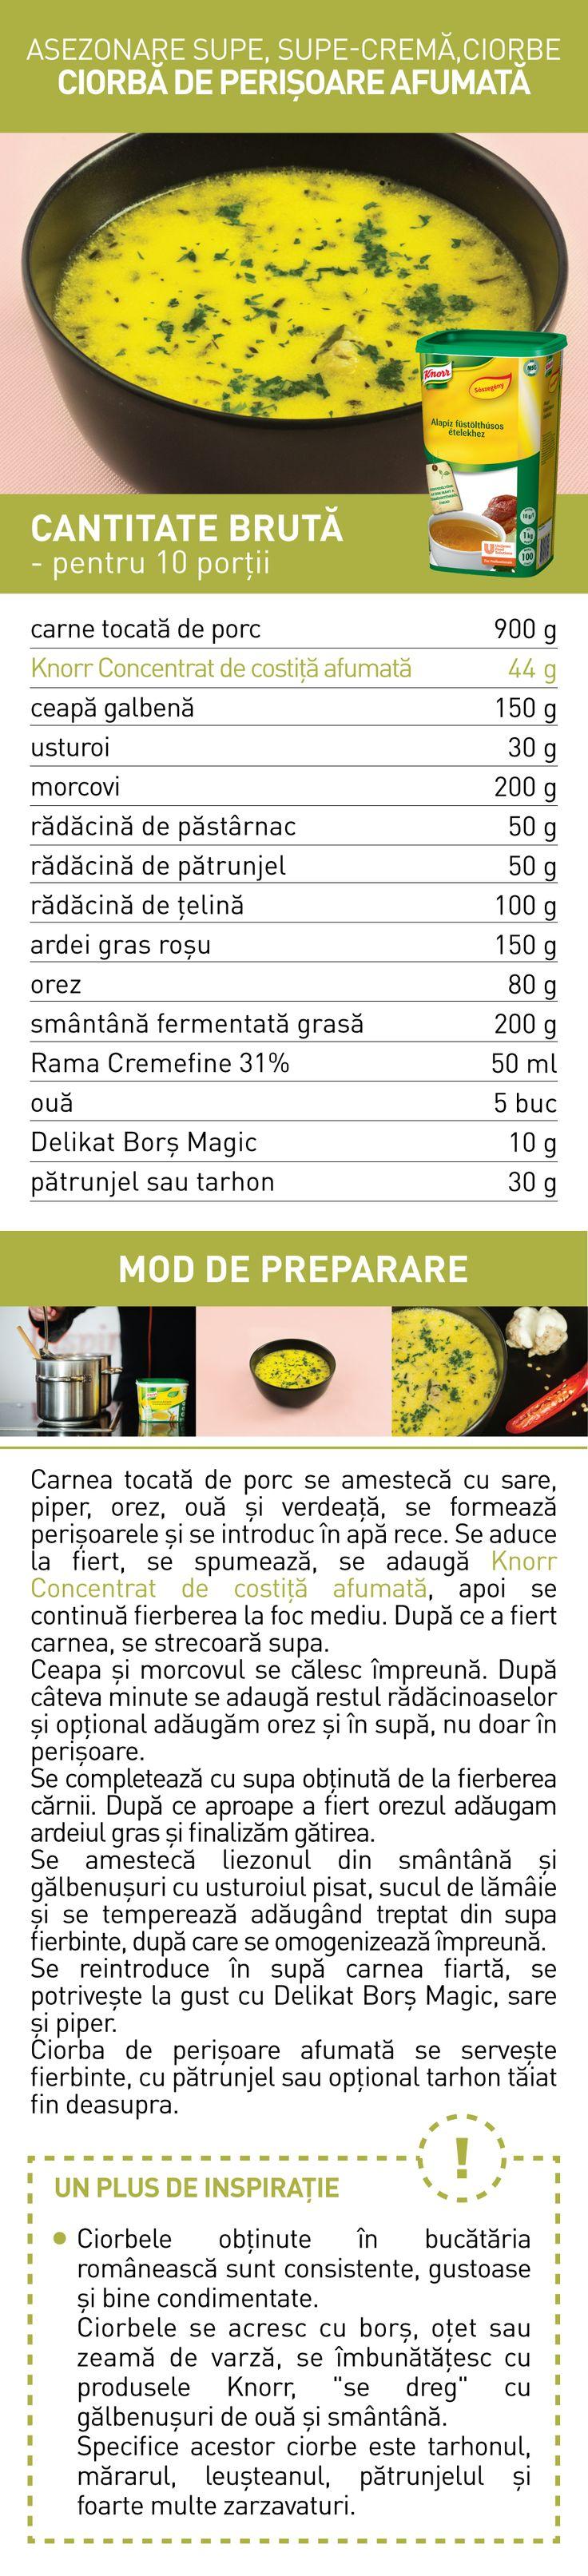 Asezonare supe, supe-crema, ciorbe (III) - RETETE